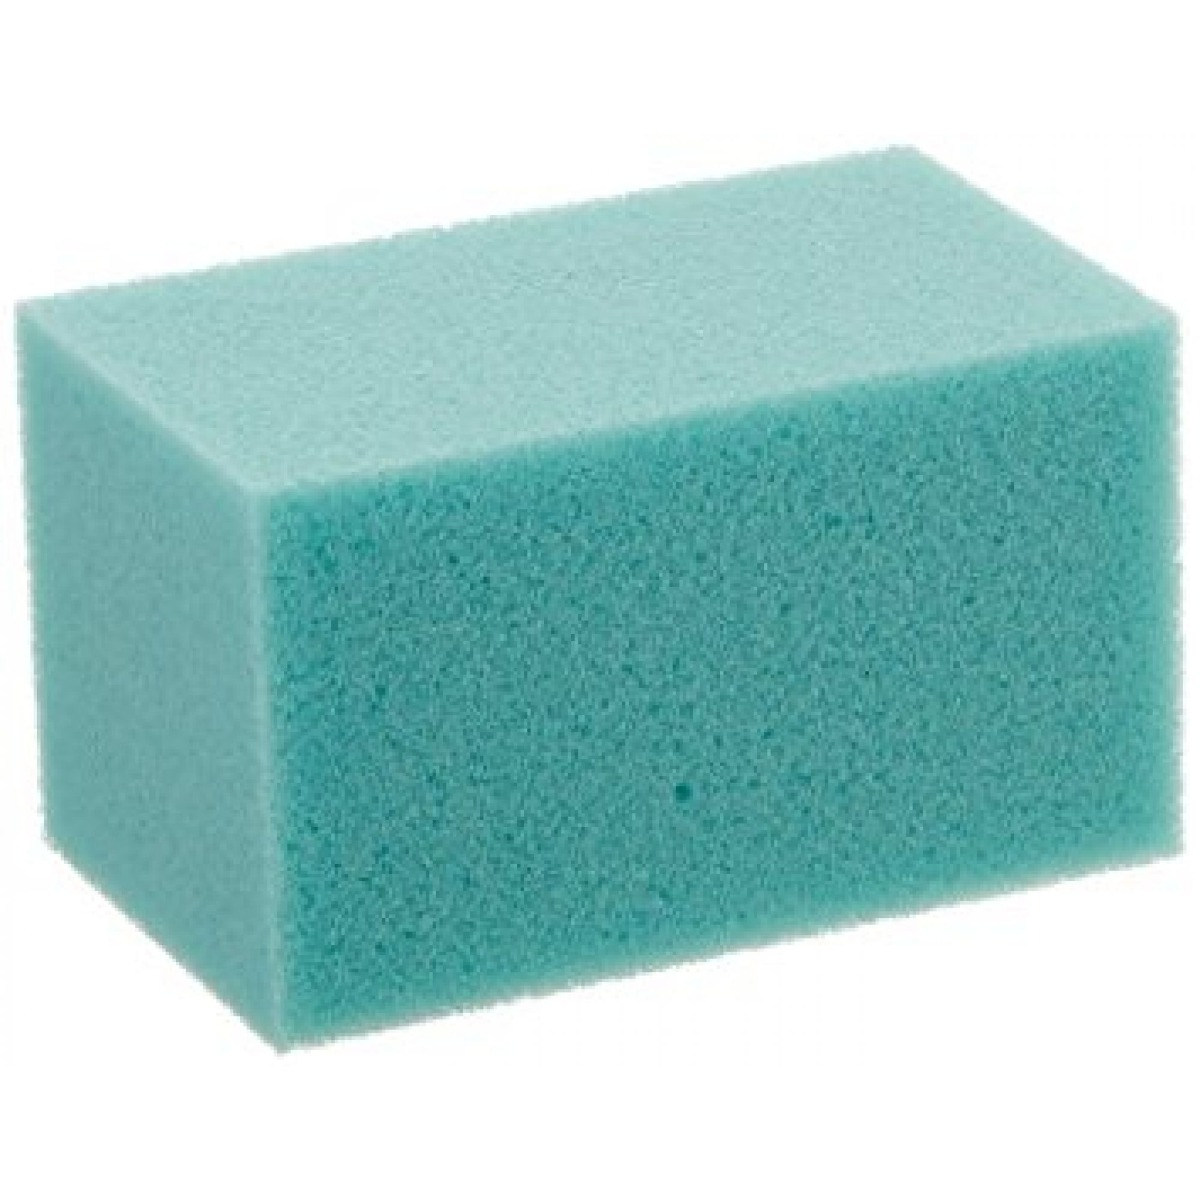 Temper Foam R-Lite Foam Blocks, Firm